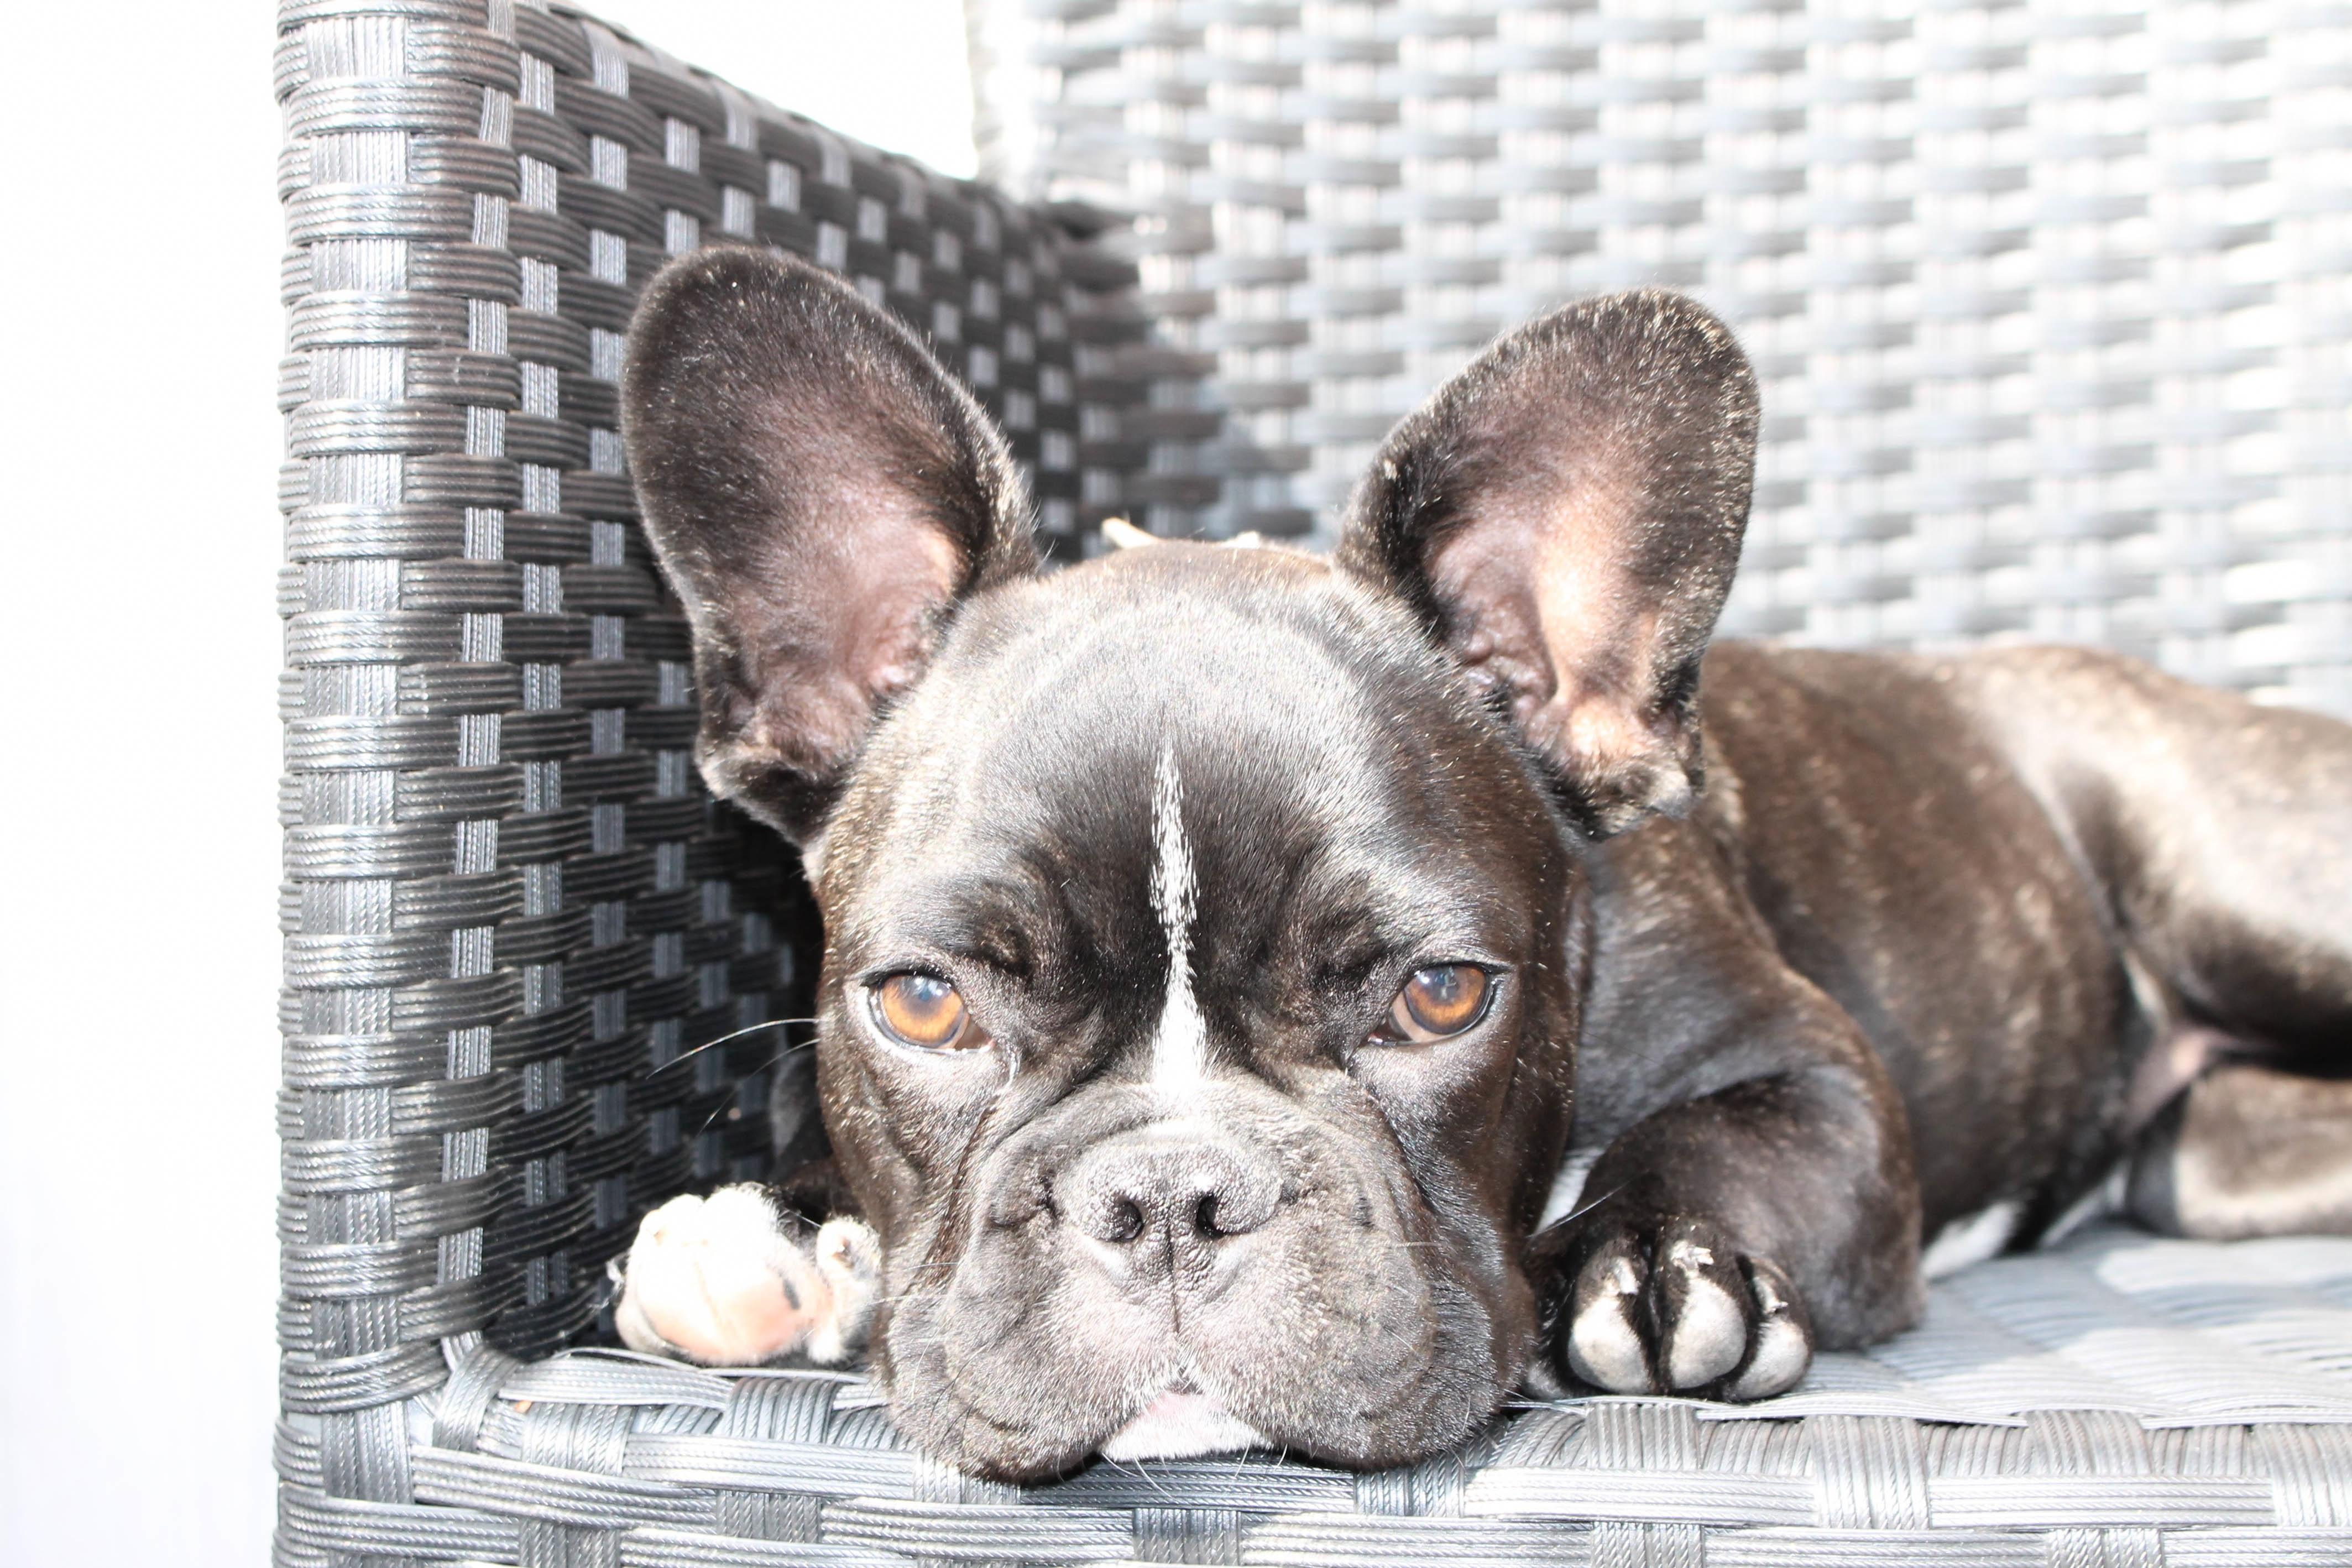 Pes savec buldok obratlovců francouzský buldoček psí plemeno starý anglický  buldok pes jako savci olde anglicky 81259f45ee